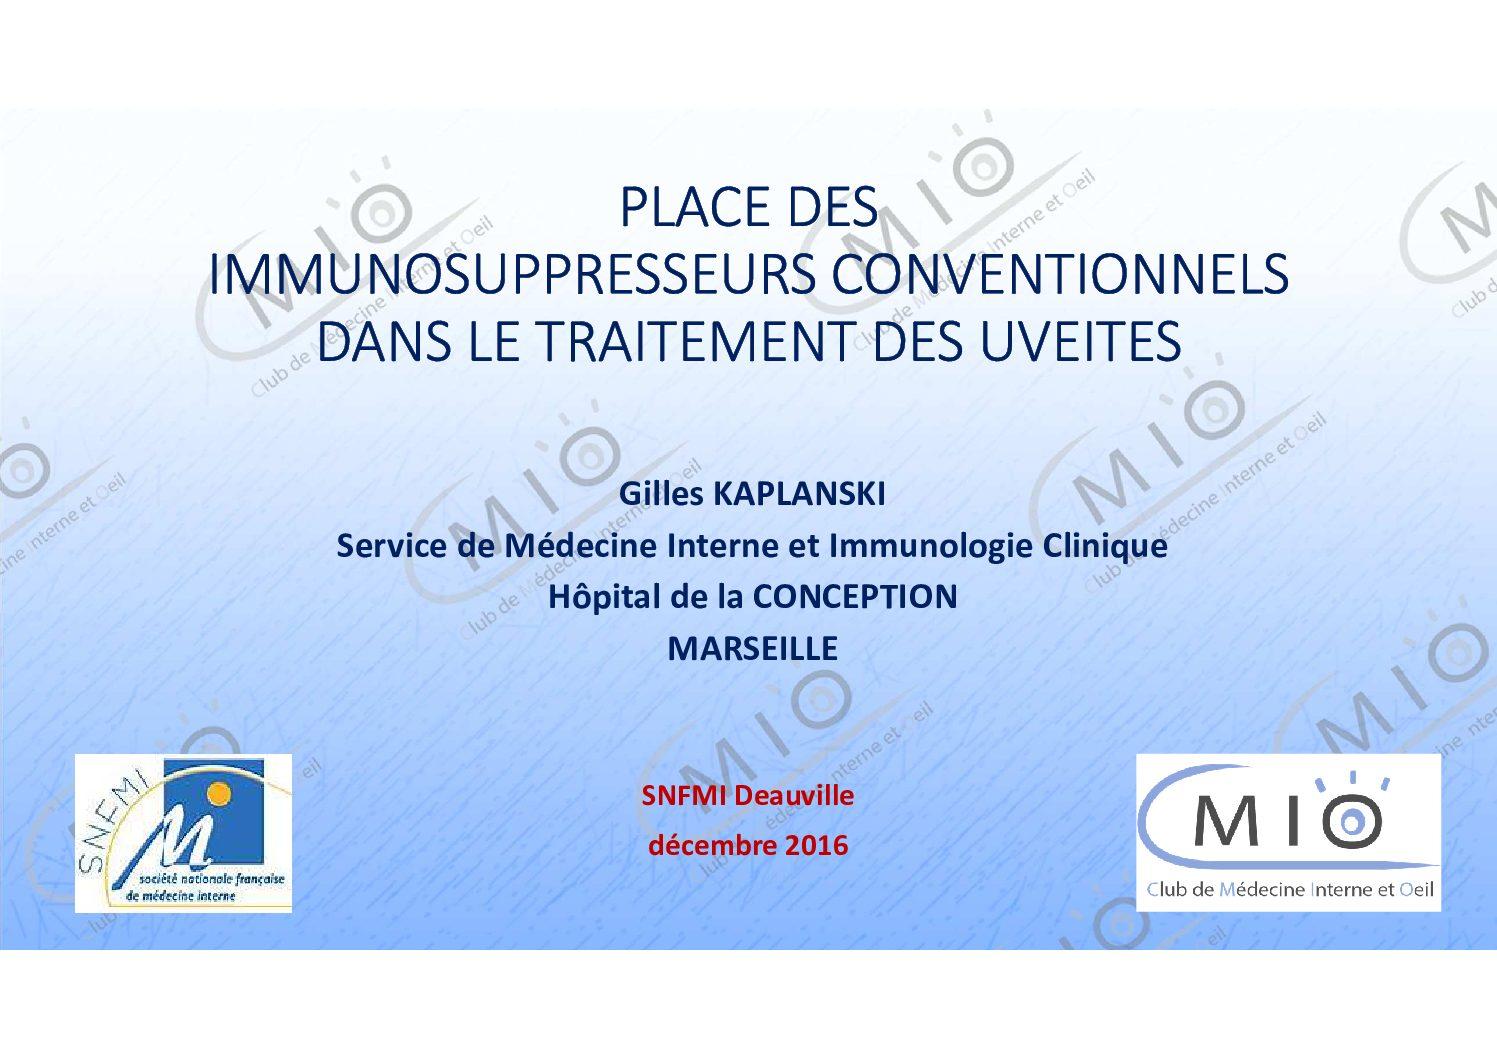 Place des immunosuppresseurs dans le traitement des uvéites